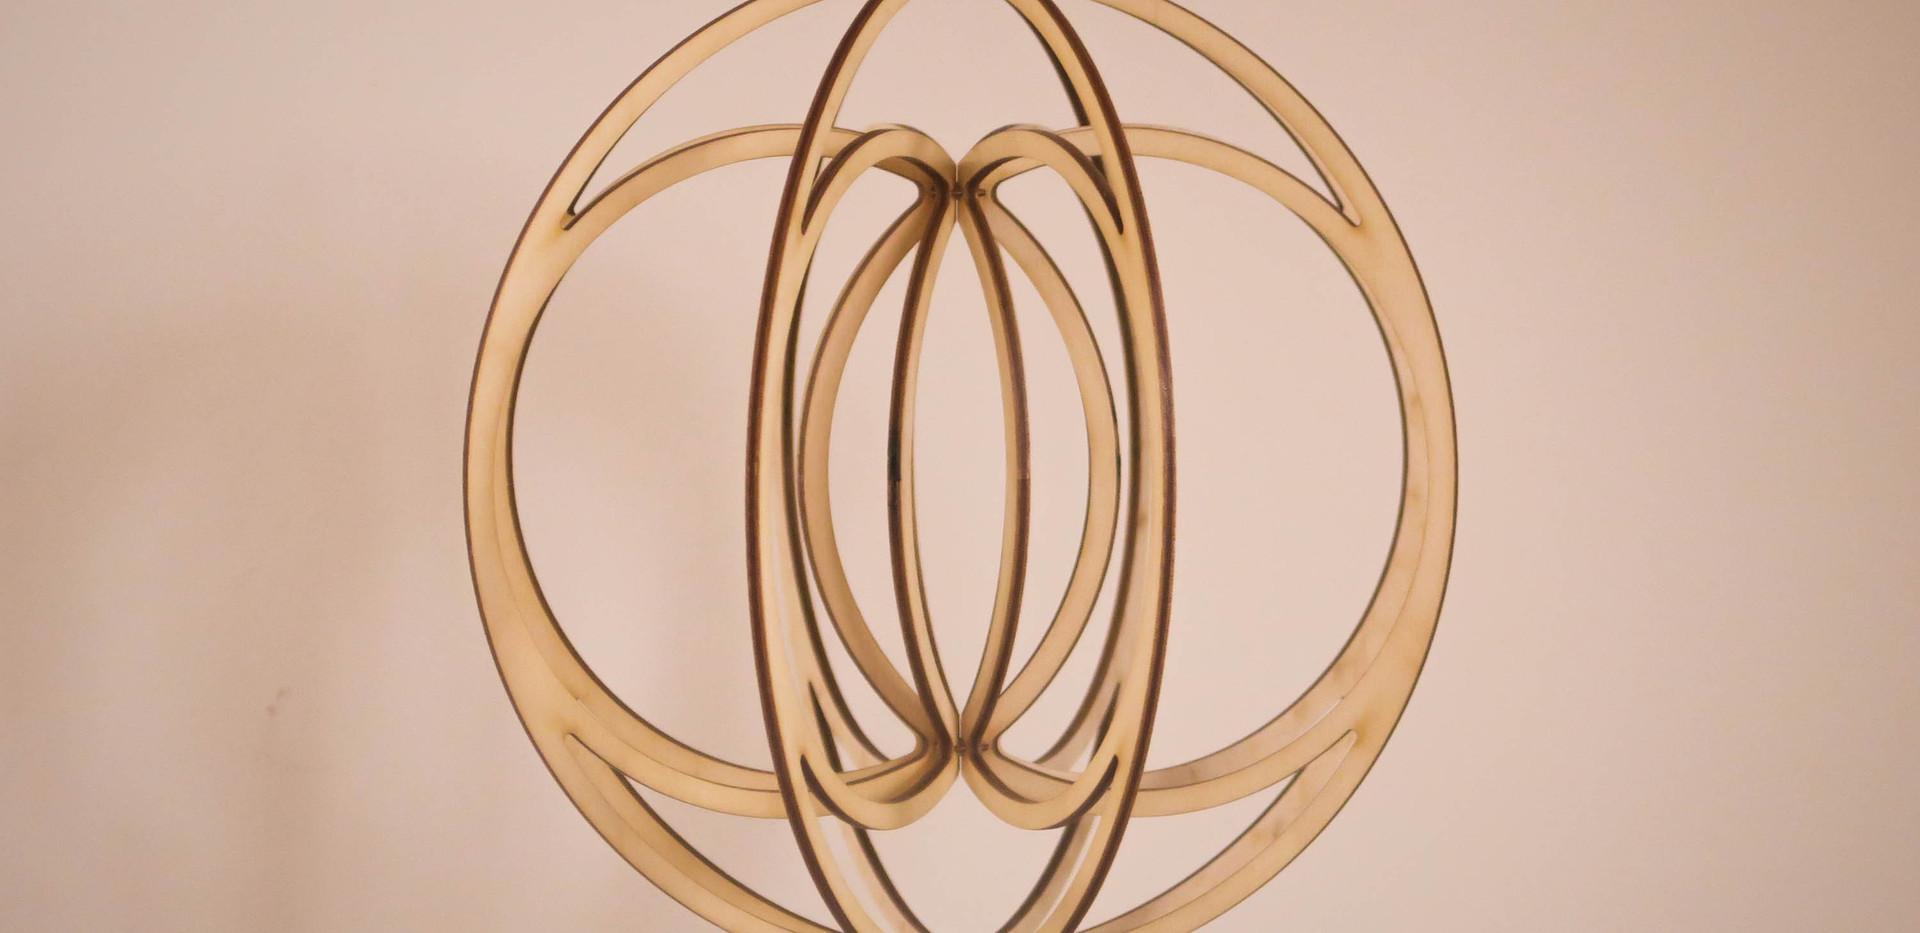 Circles in Circles n1 - small